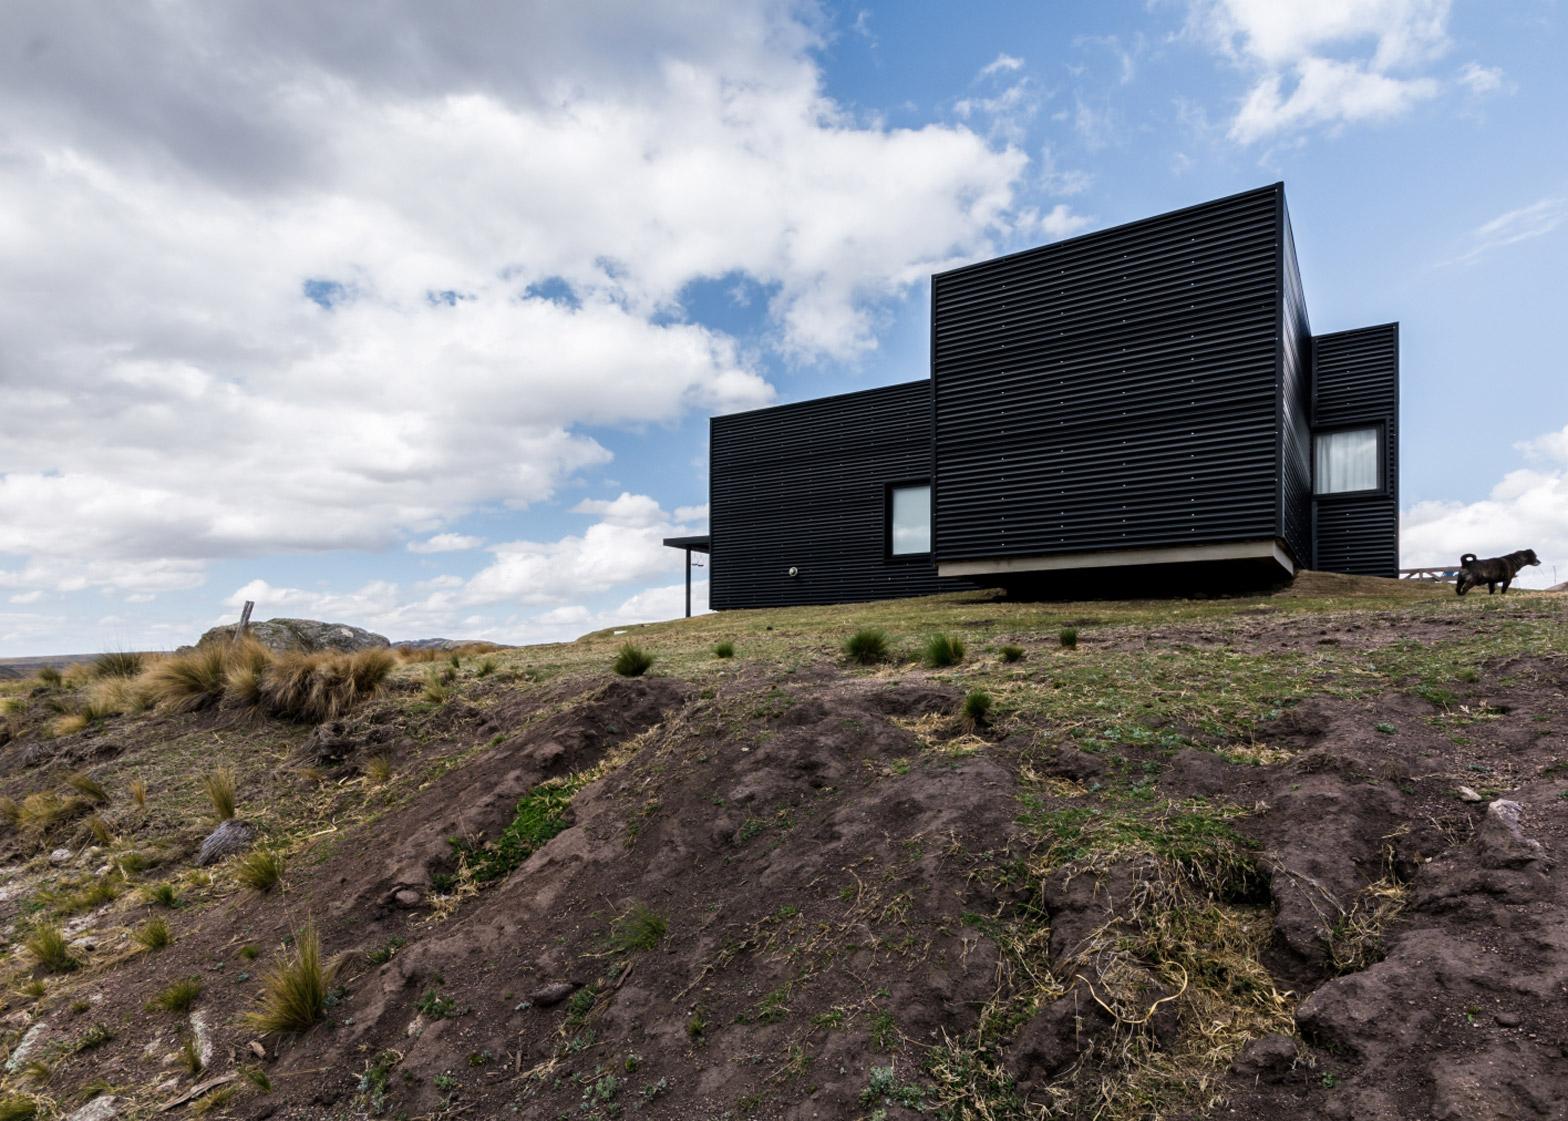 Pampa House by Mariana Palacios